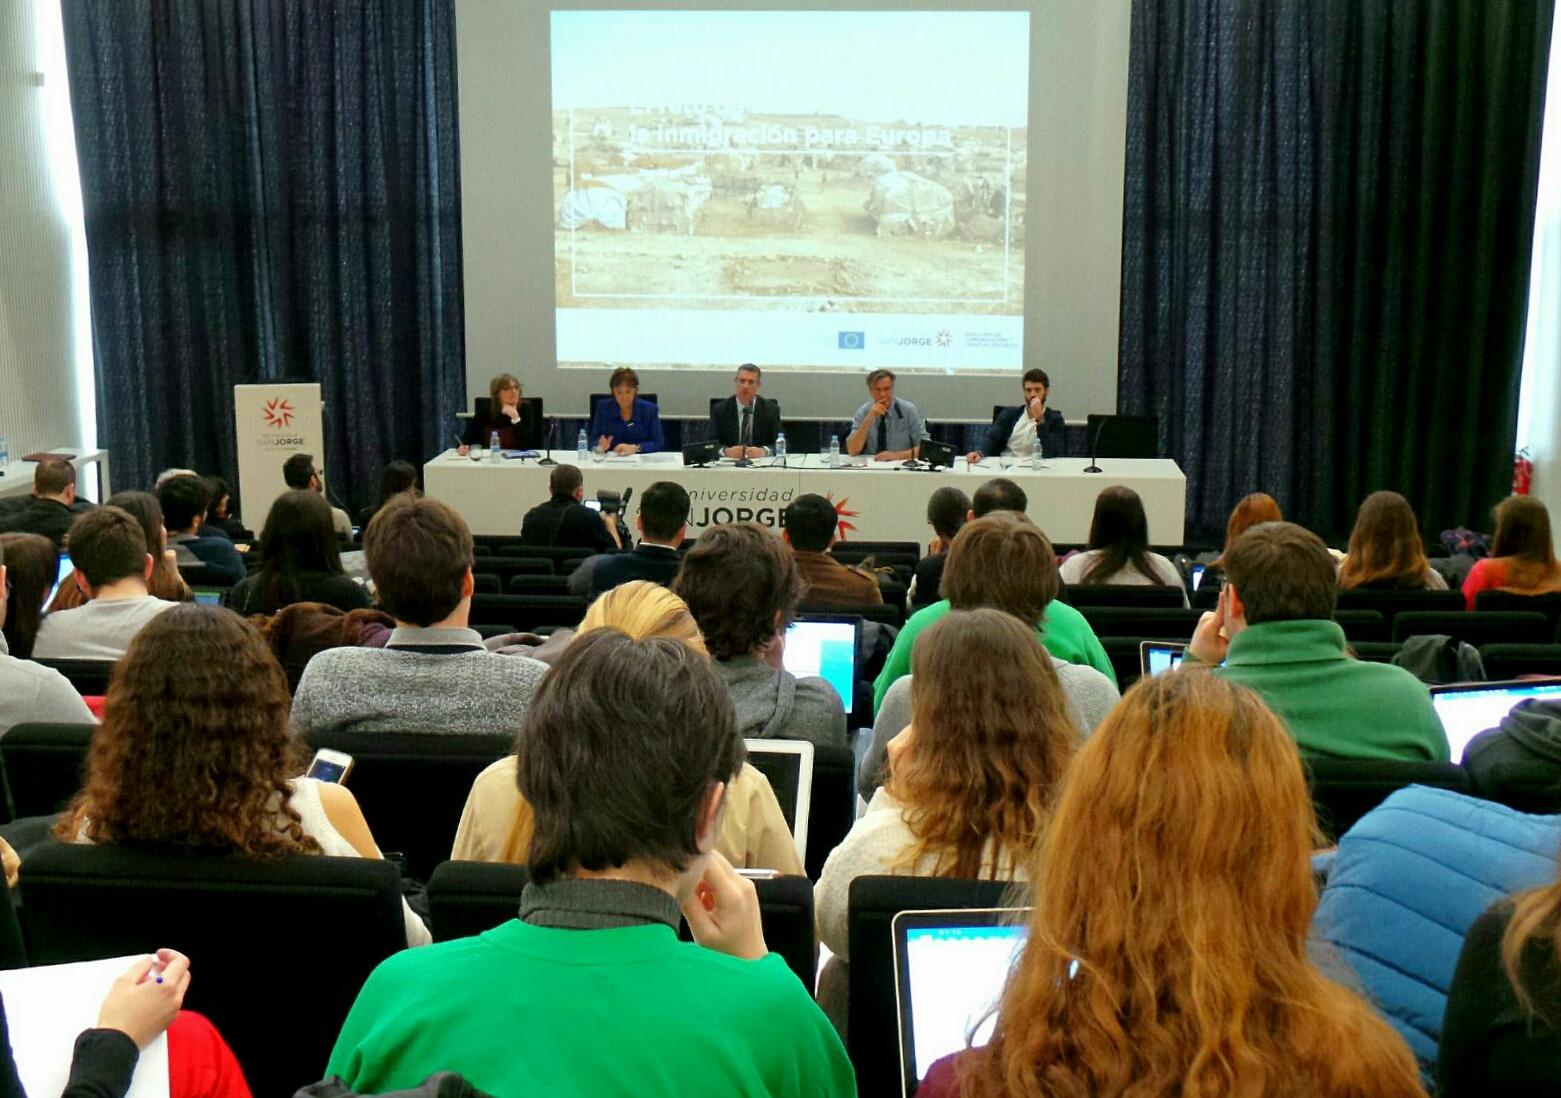 La USJ alberga un debate sobre refugiados e inmigración en Europa